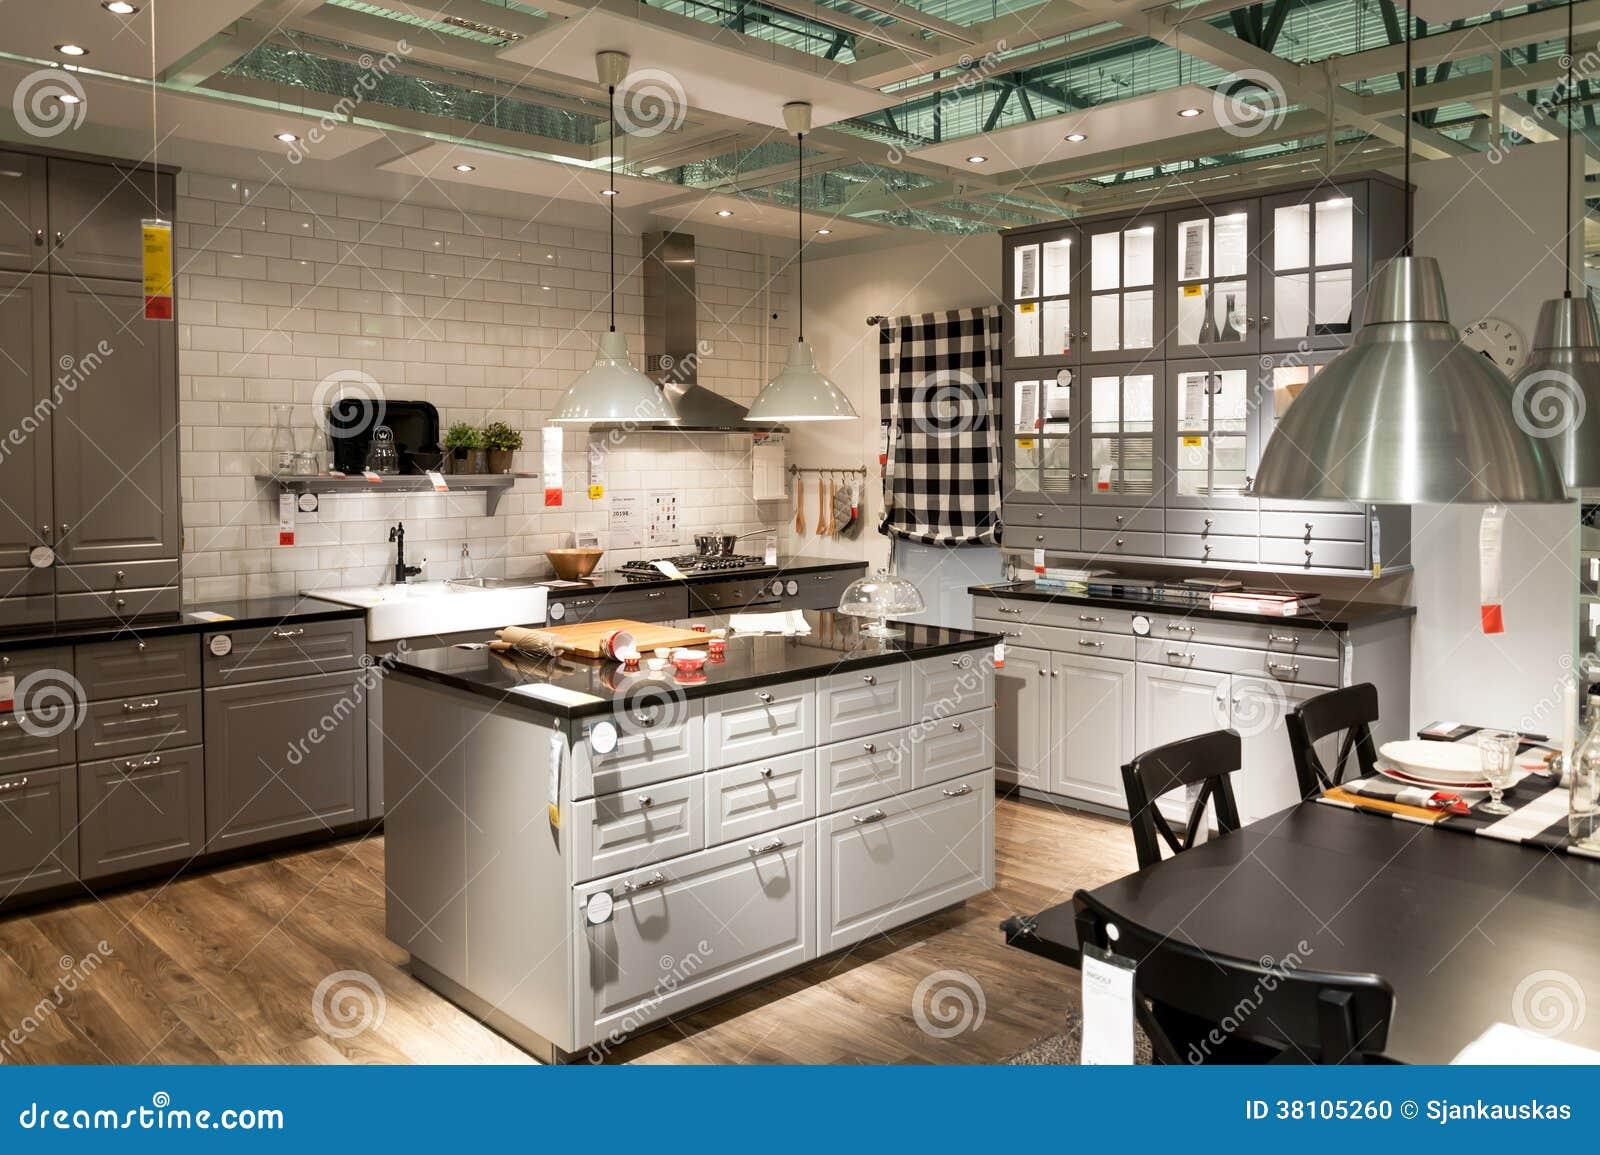 Keuken In Meubilairopslag Ikea Redactionele Afbeelding ...